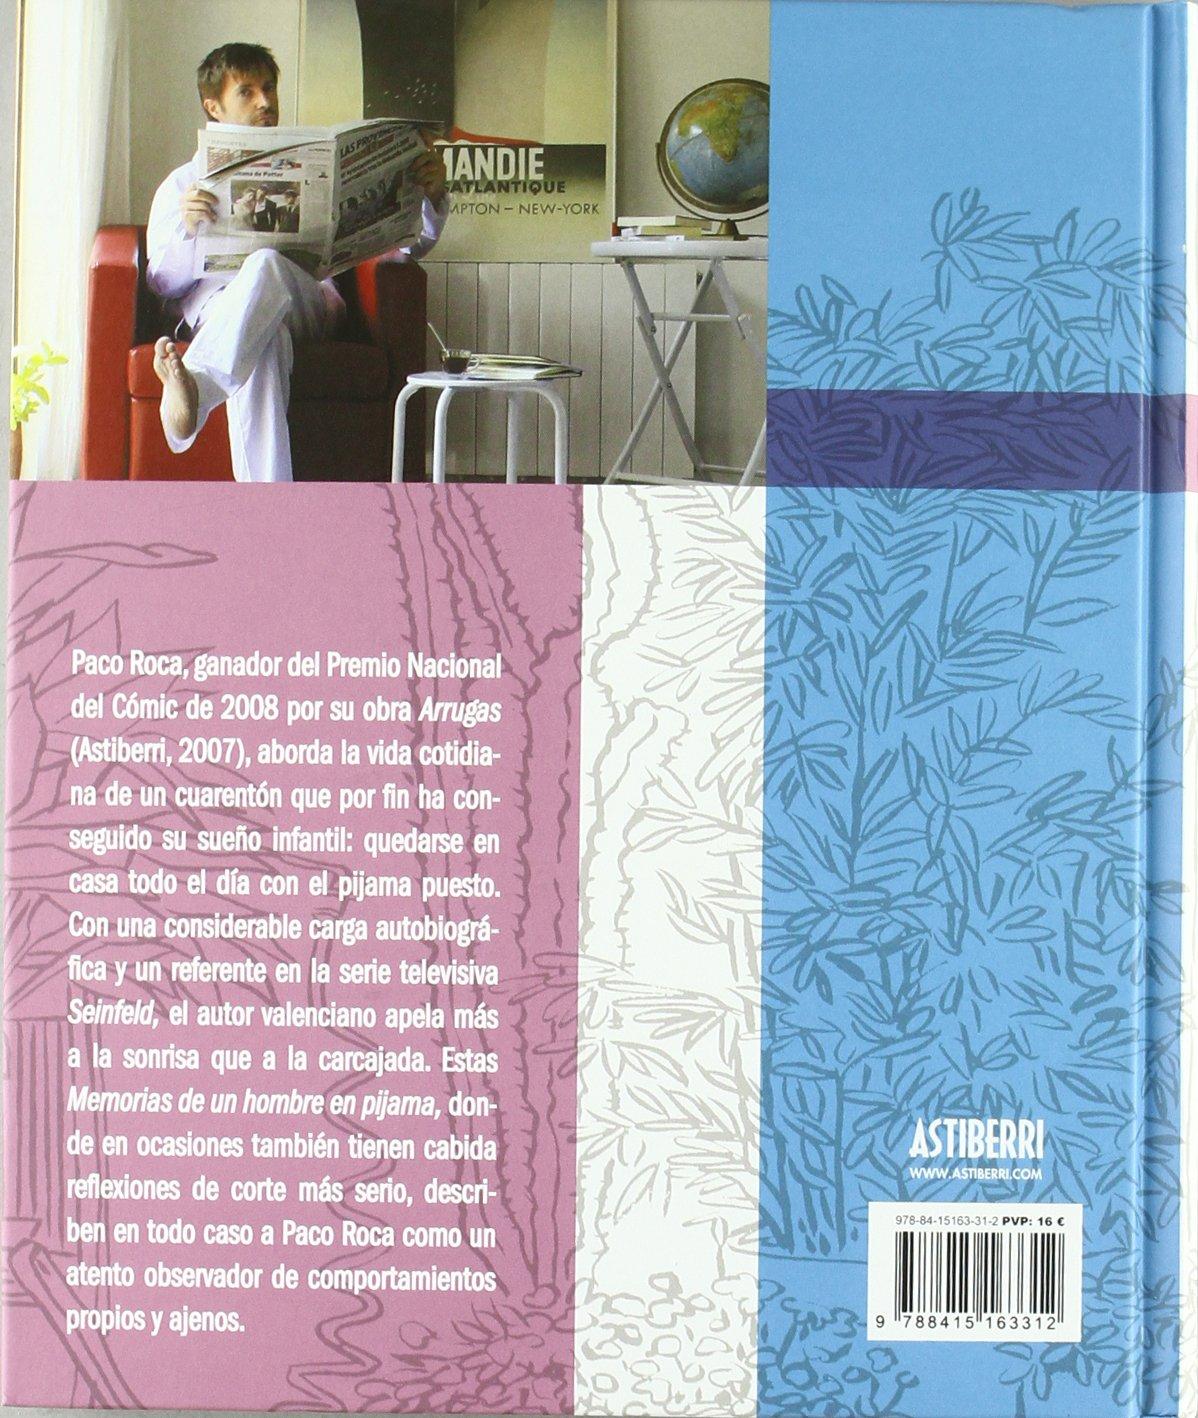 Memorias de un hombre en pijama / Memoirs of a man in pajamas (Spanish Edition): Paco Roca: 9788415163312: Amazon.com: Books